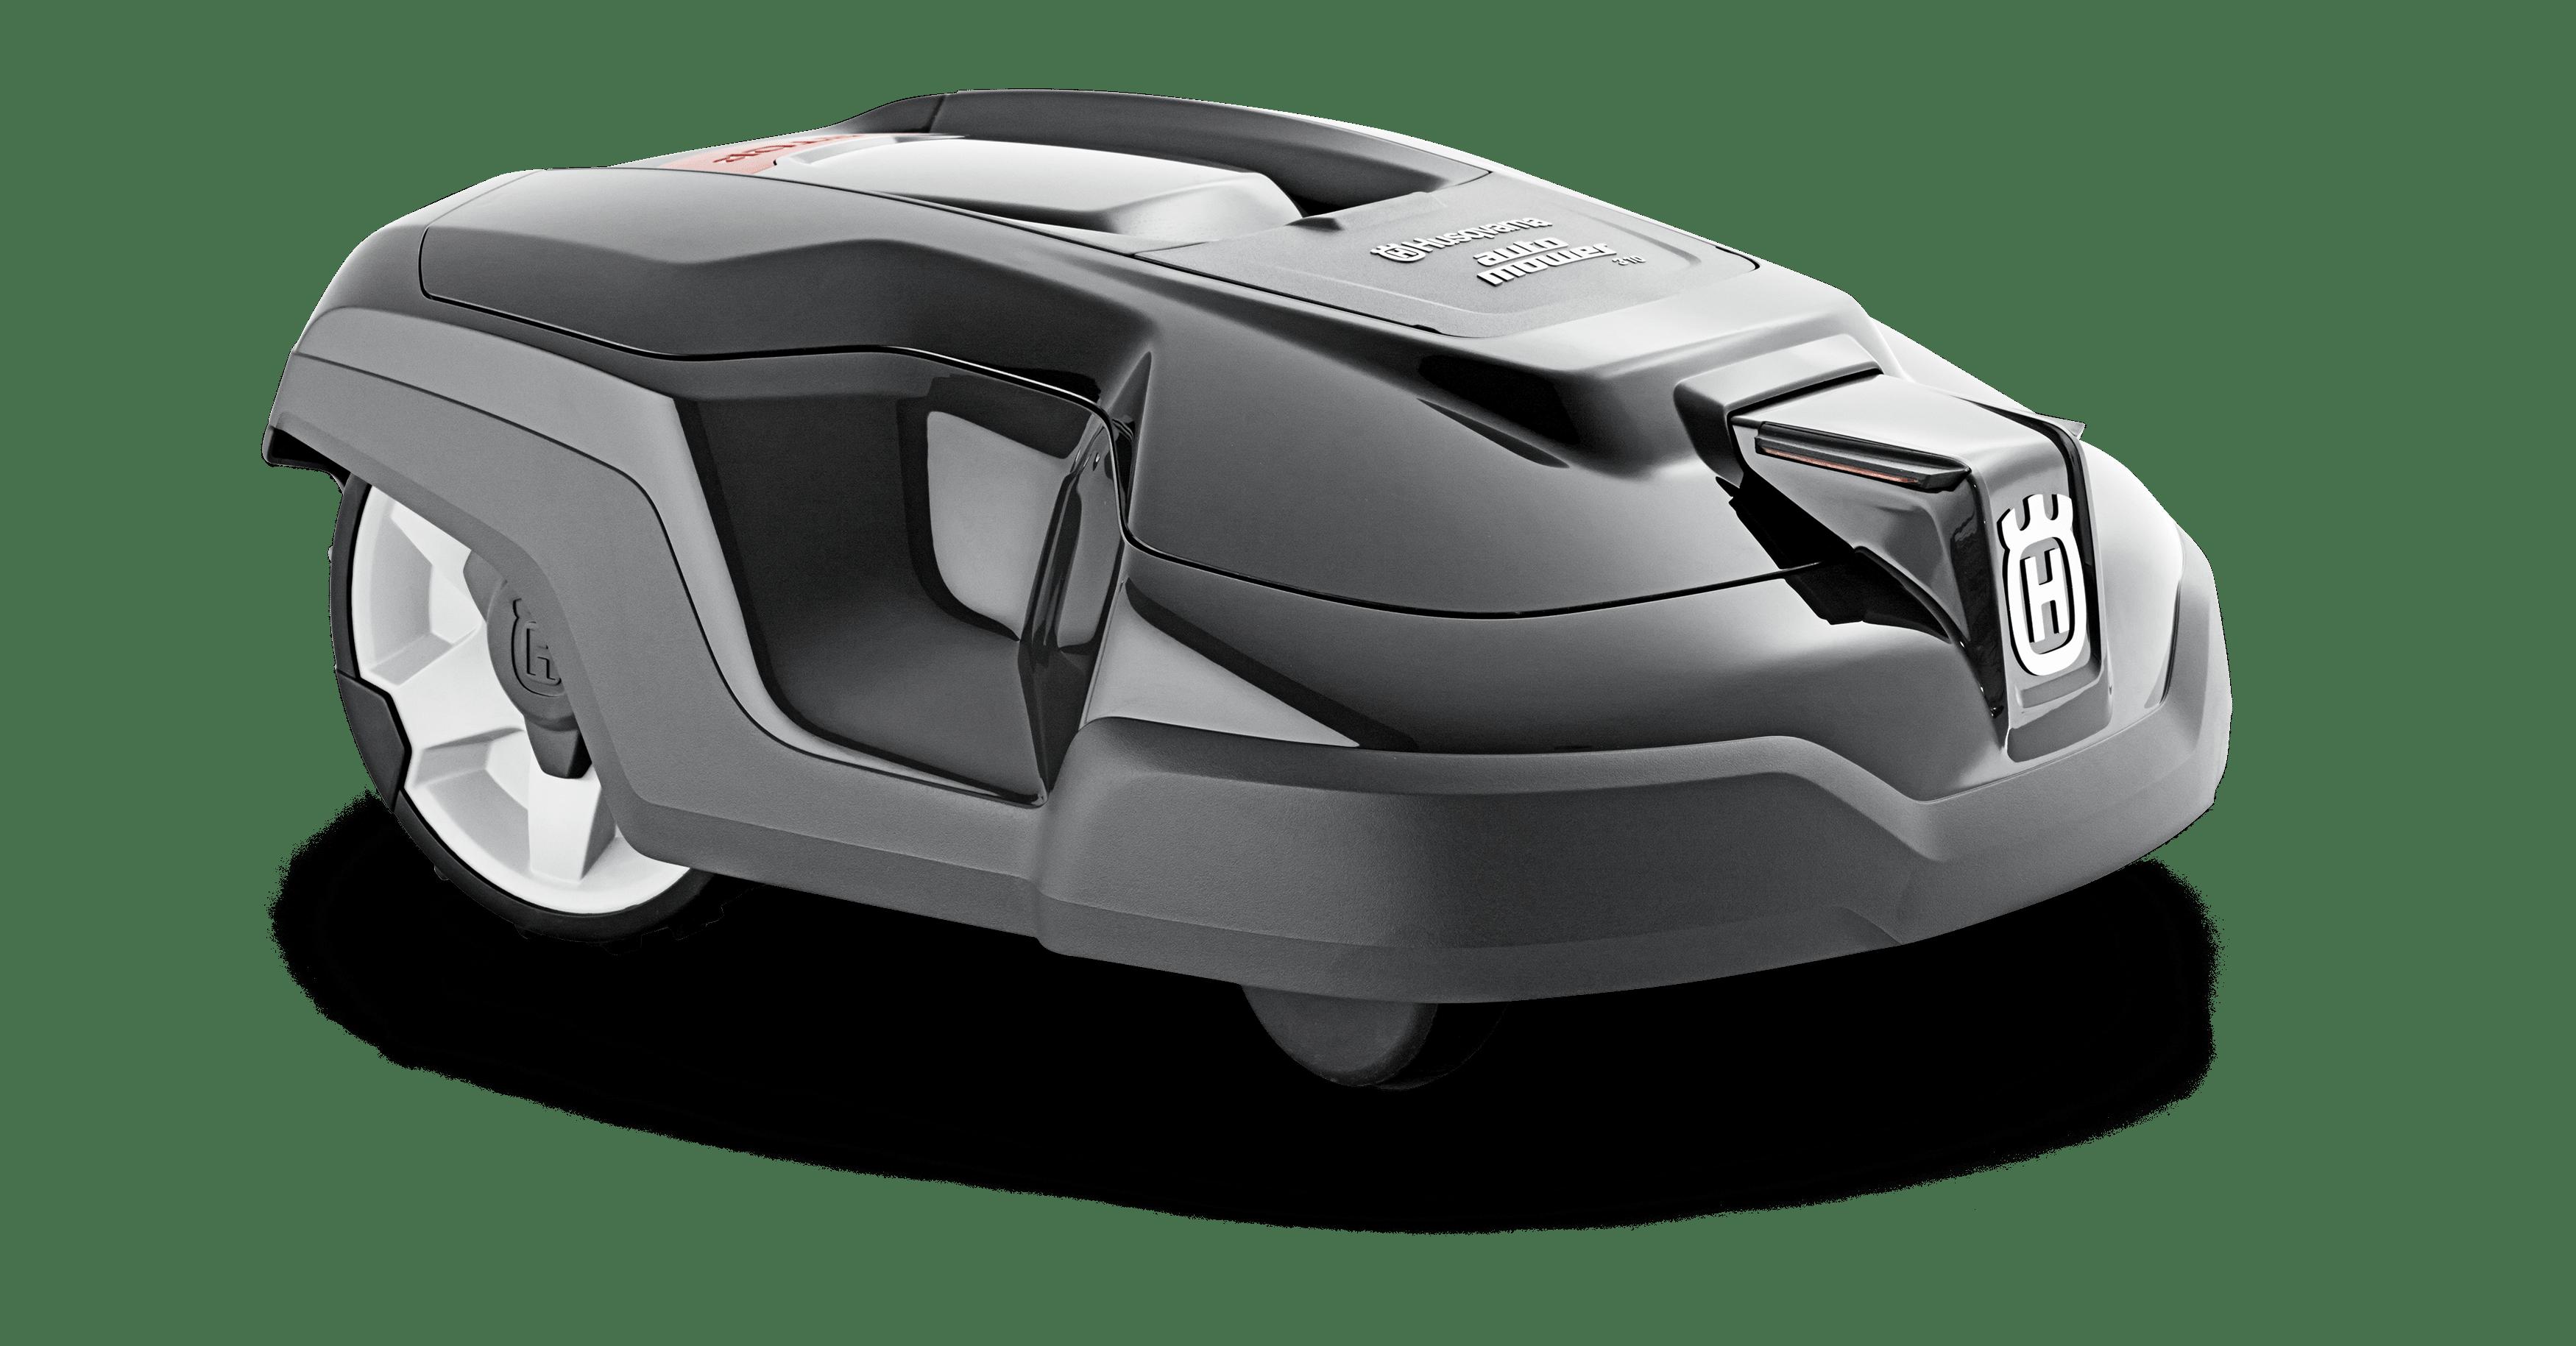 Husqvarna Automower 310 robottiruohonleikkuri